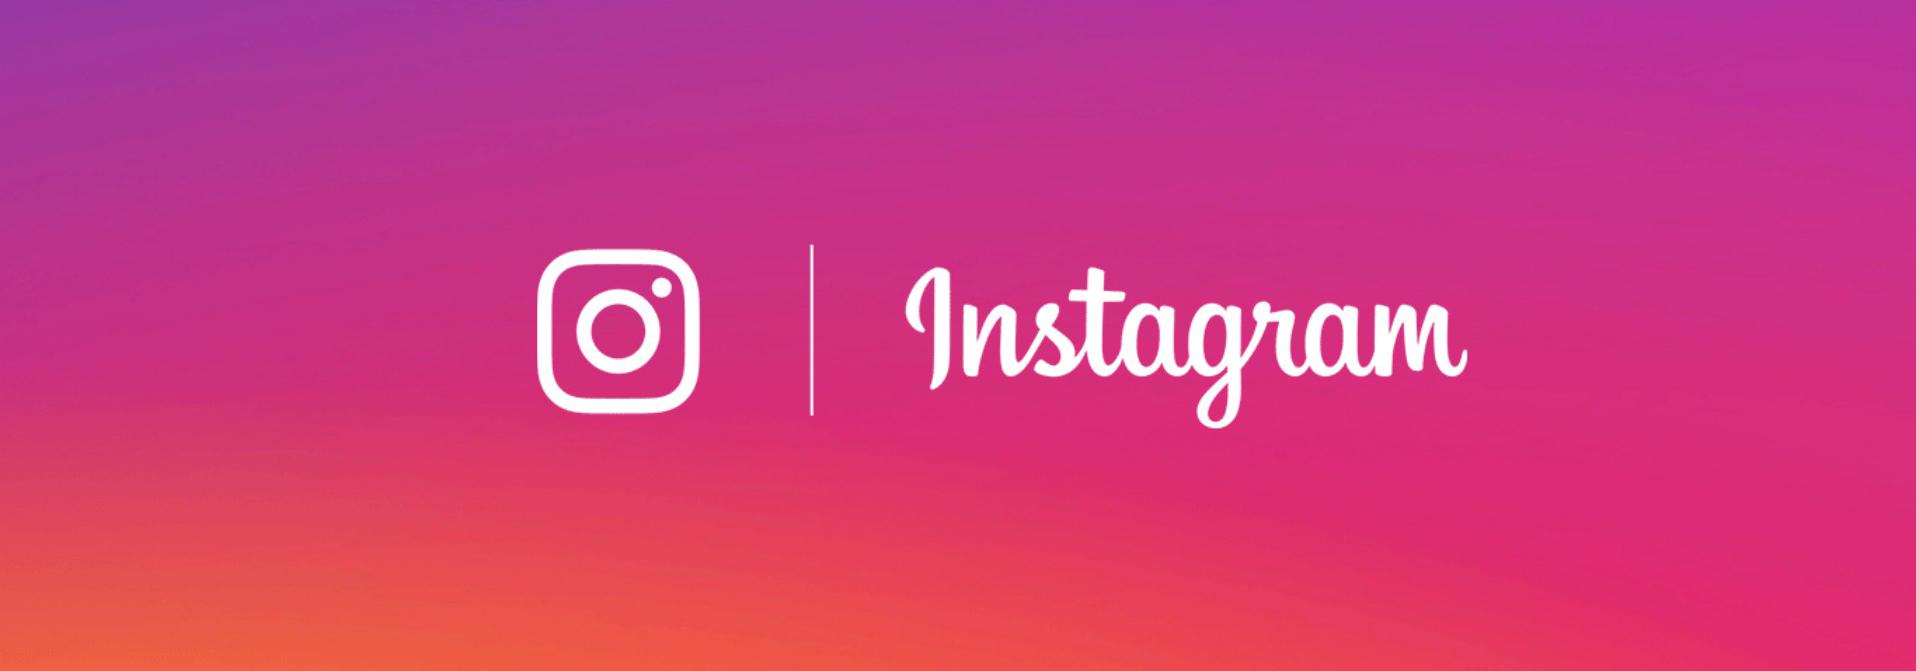 ver-instagram-1